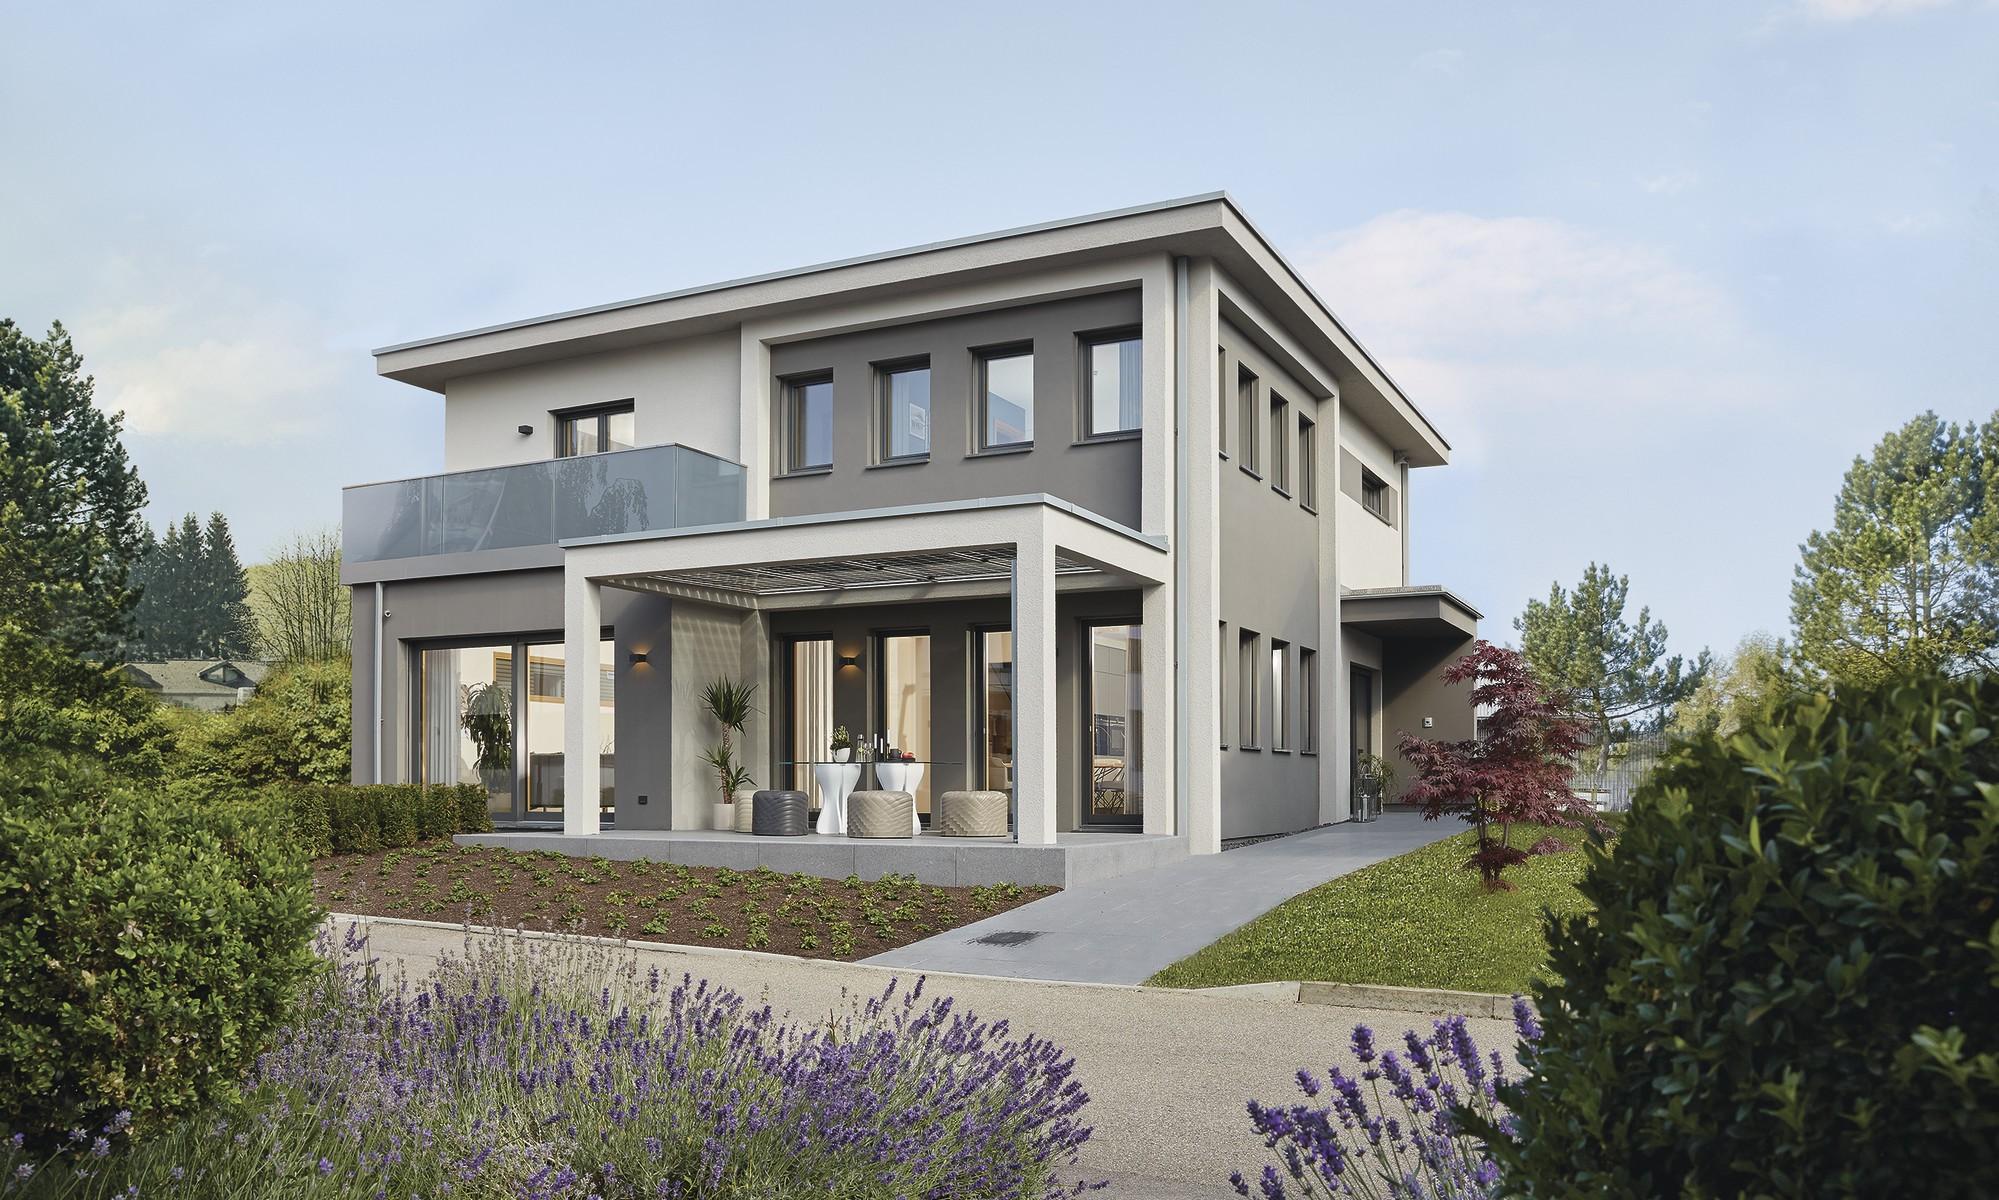 Hausfinder - Fertighaus bauen - Grundrisse und Ideen bestehender ...